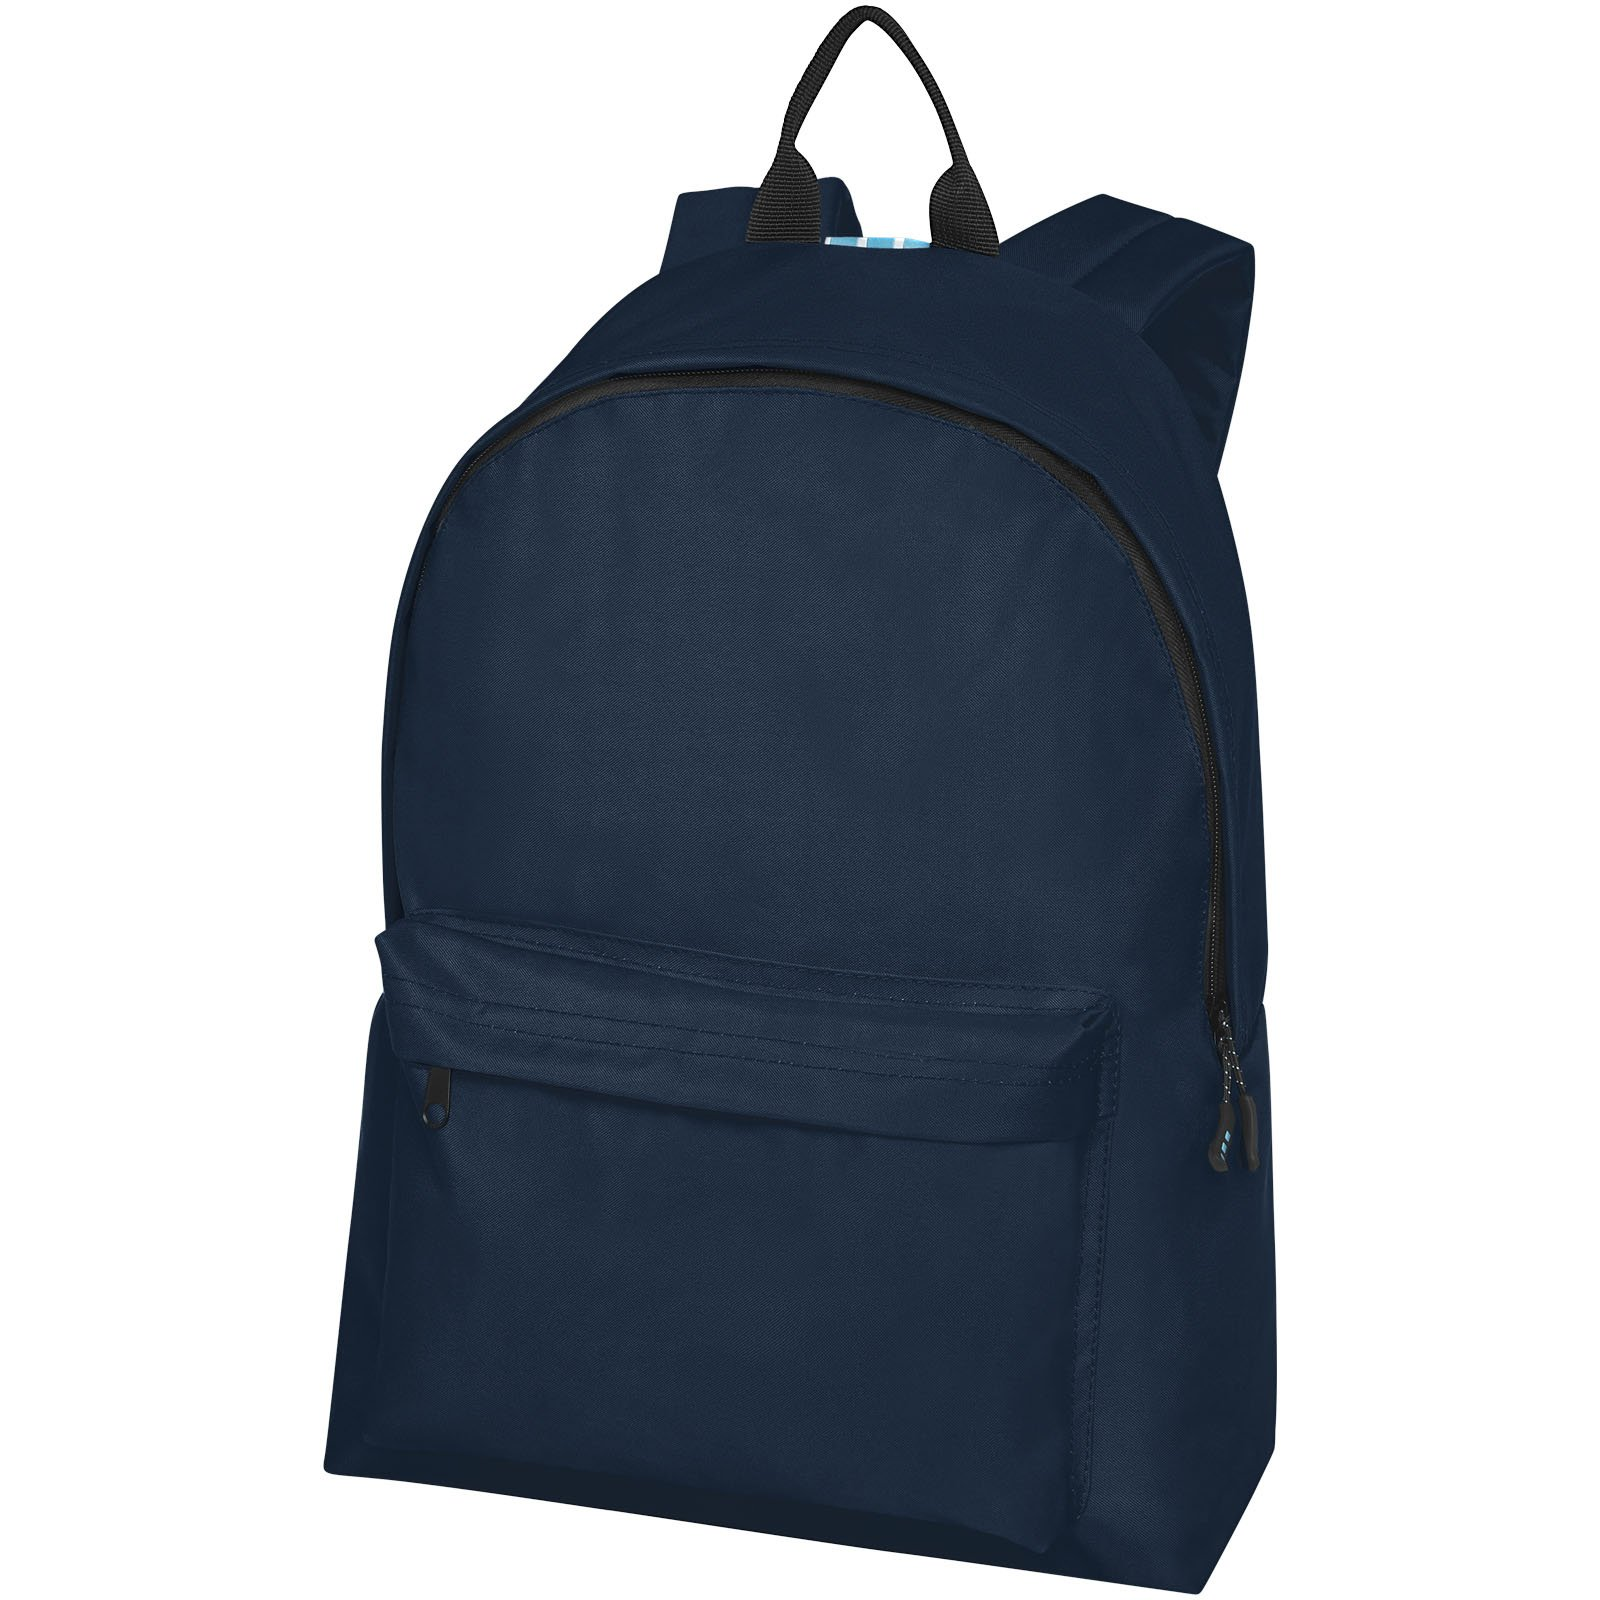 Elevate NXT Baikal GRS RPET backpack